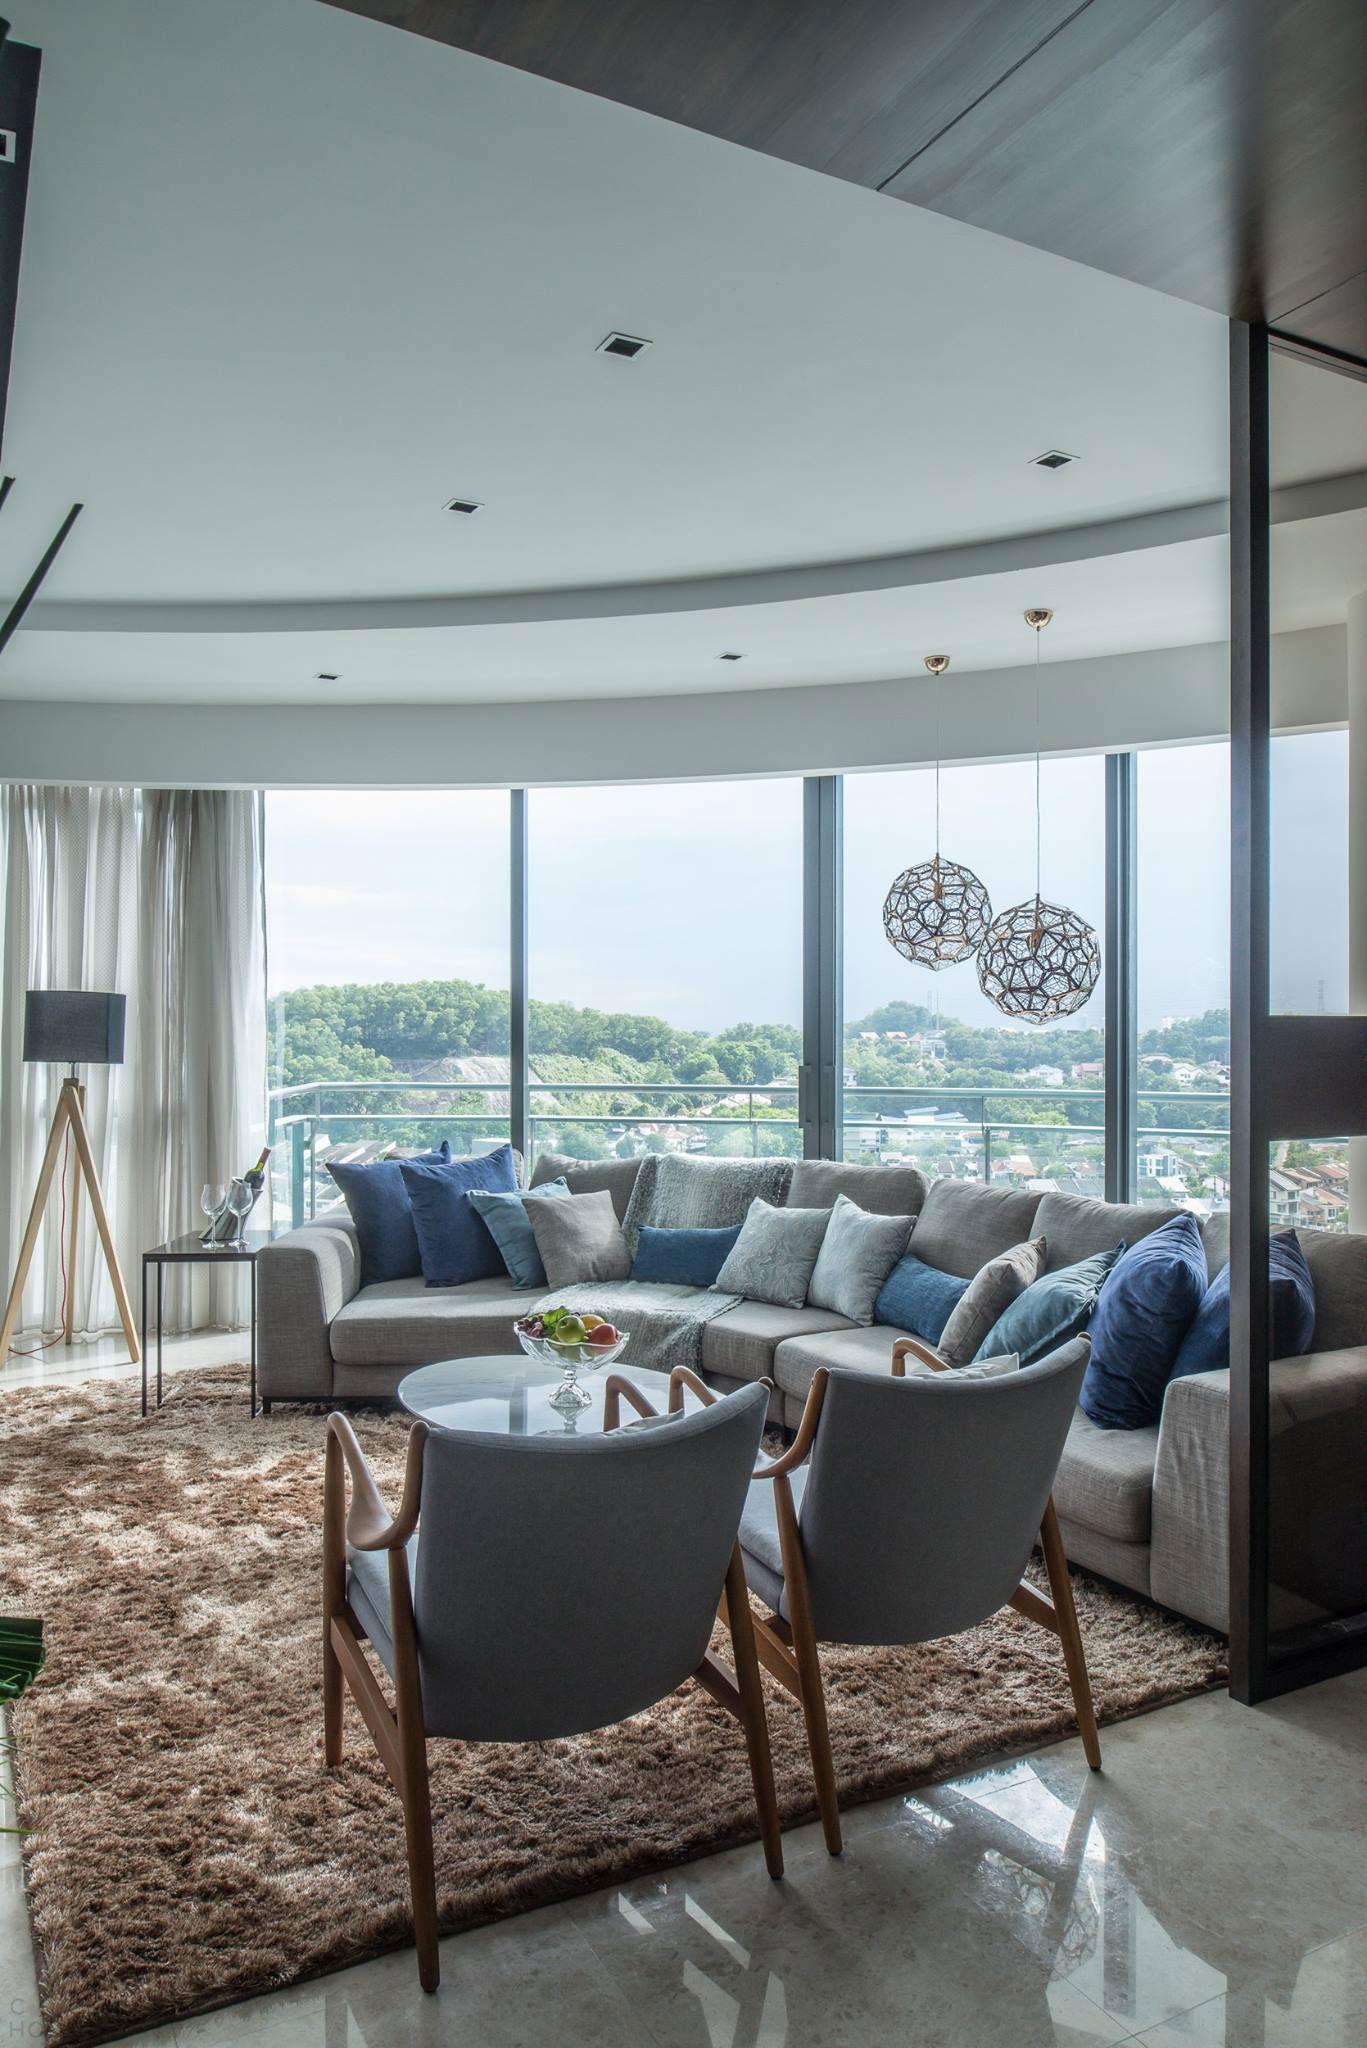 Квартира фотографа в Куала-Лумпур, Малайзия